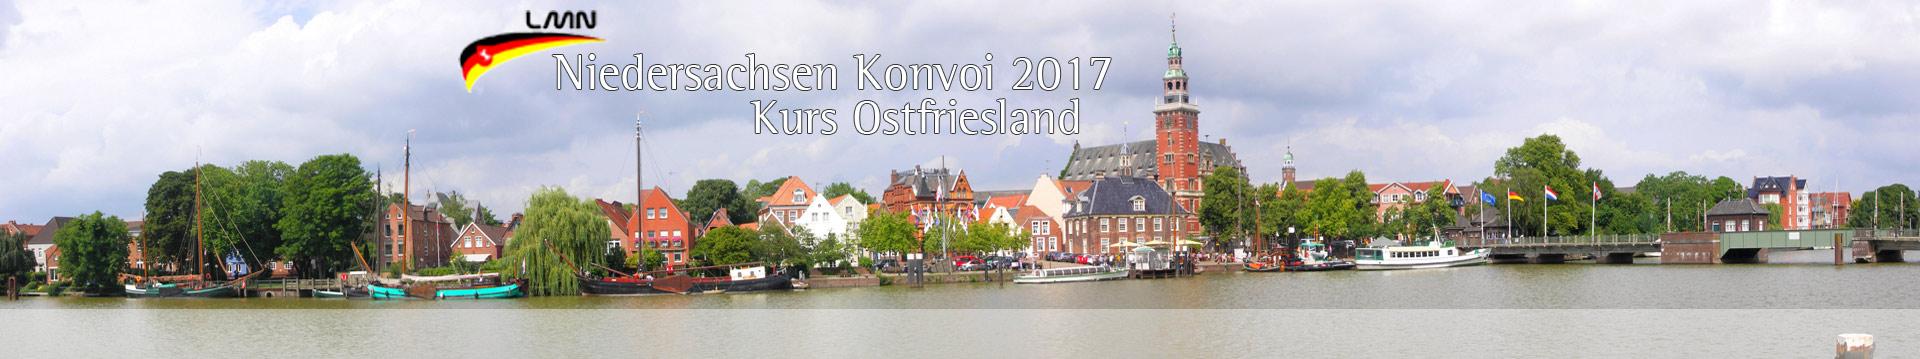 Kurs Ostfriesland – Niedersachsenkonvoi und Leer Maritim